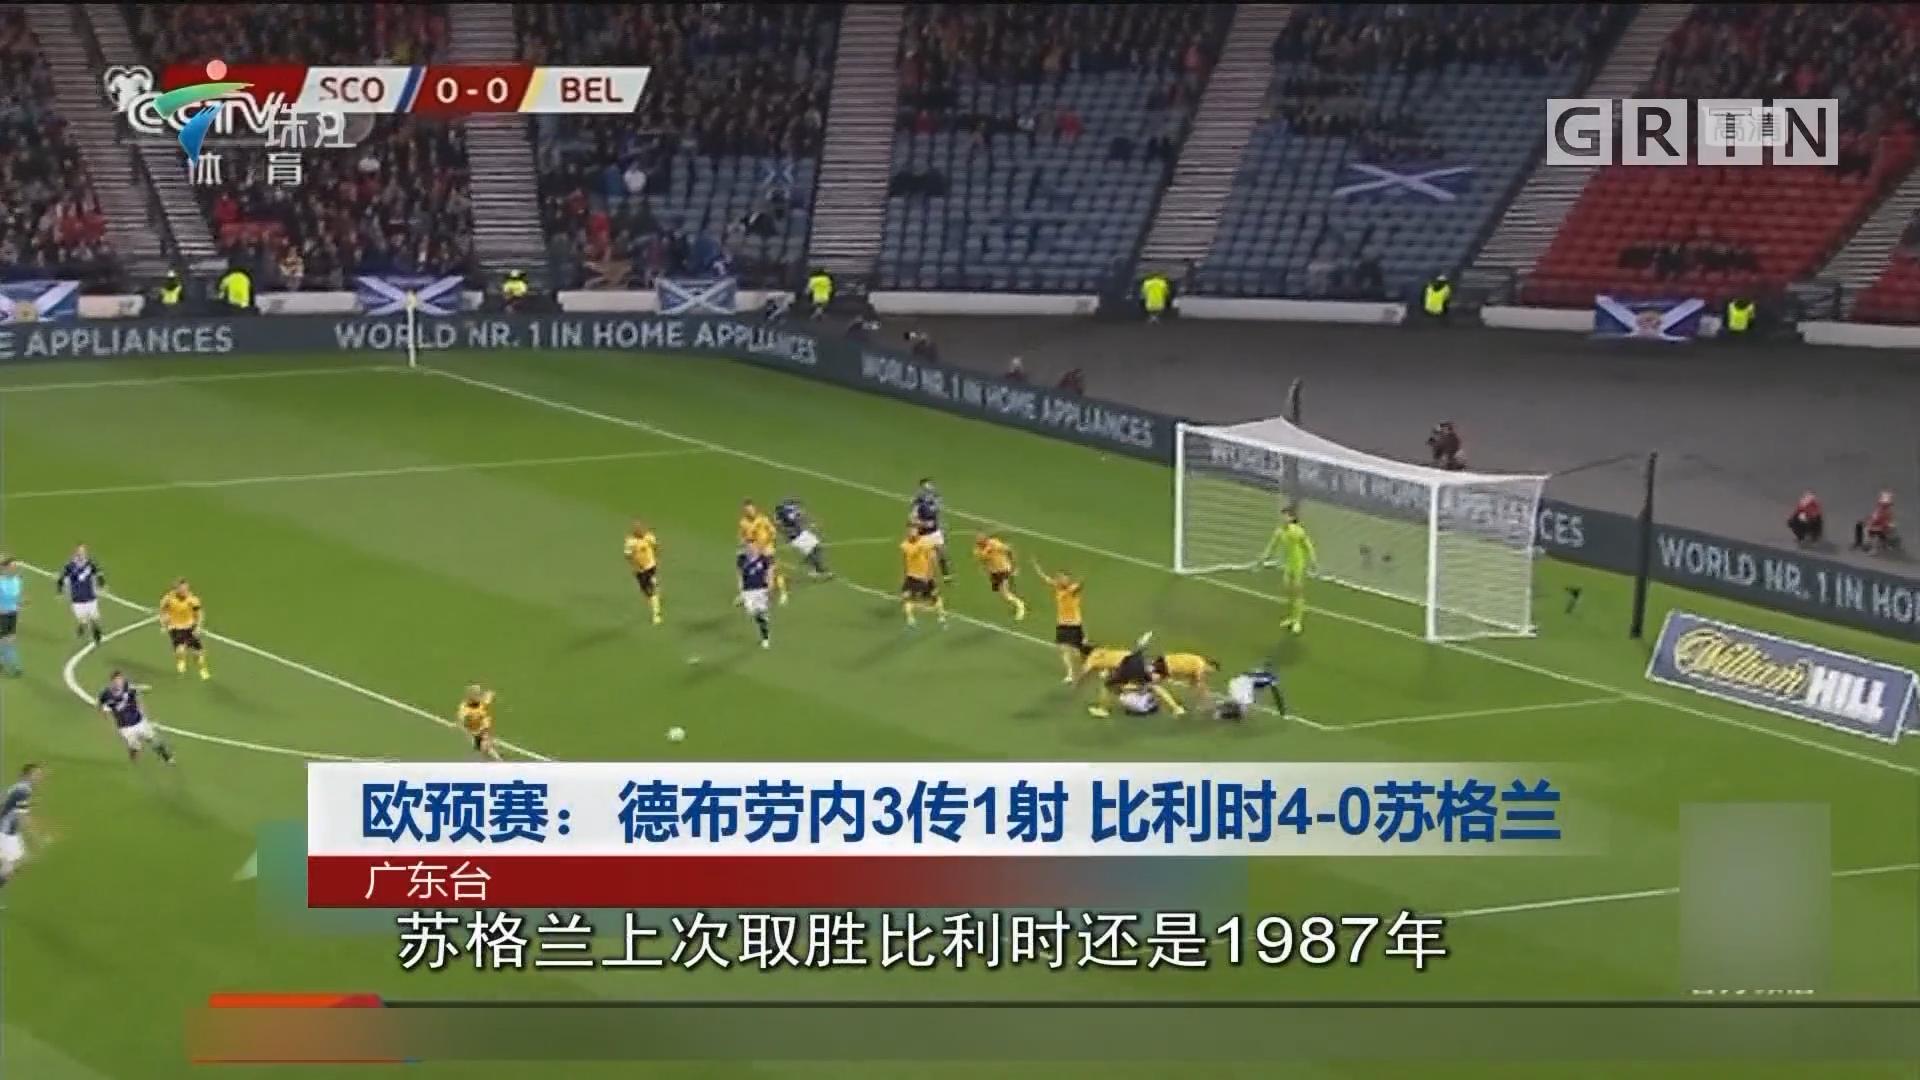 欧预赛:德布劳内3传1射 比利时4-0苏格兰